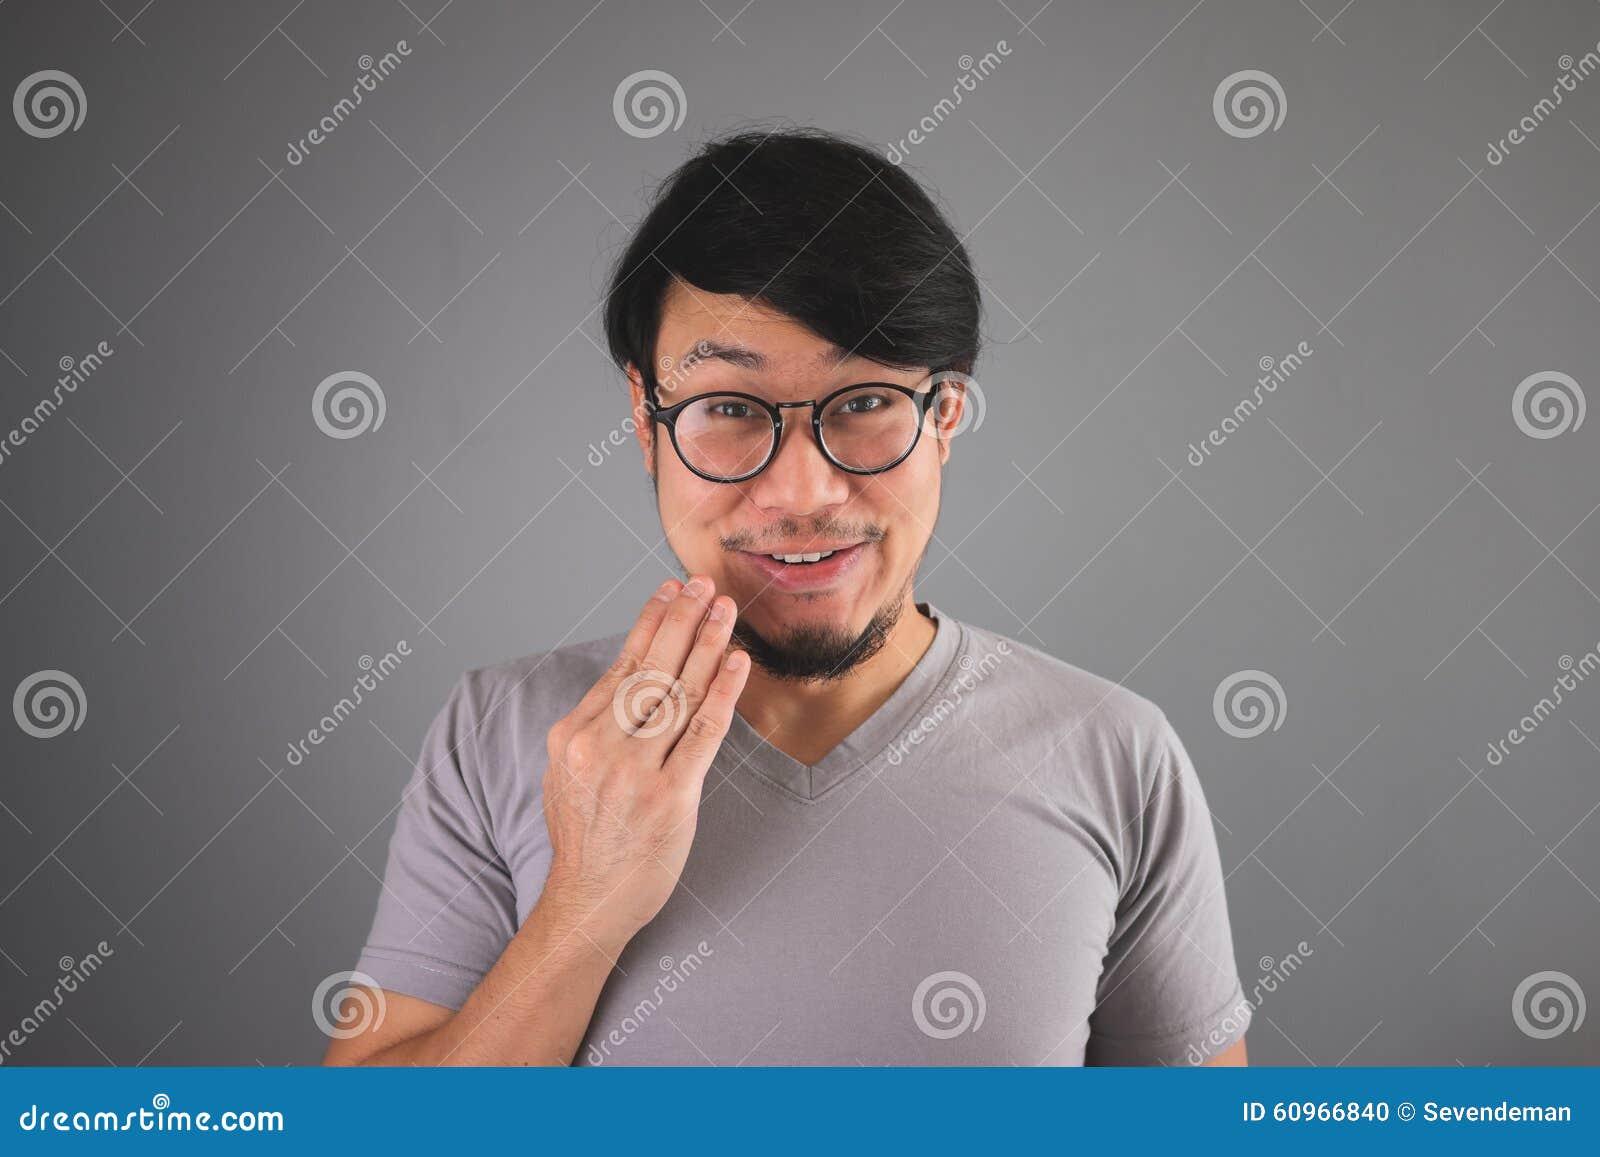 Good nasty deep throat blow-jobs